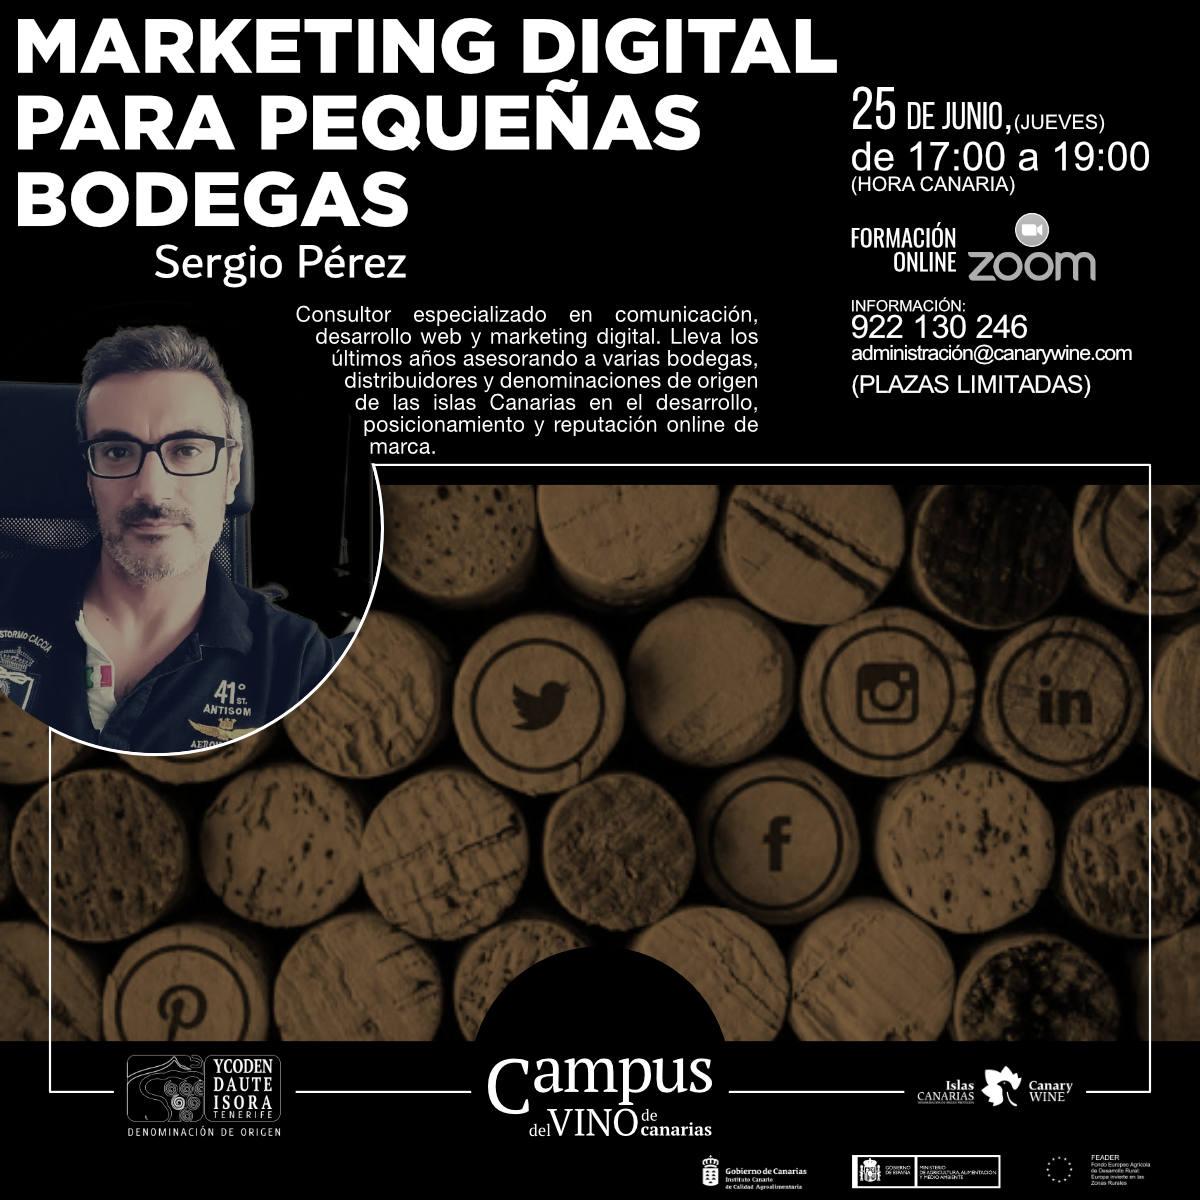 Marketing digital para pequeñas bodegas, nueva actividad formativa del Campus del Vino de Canarias